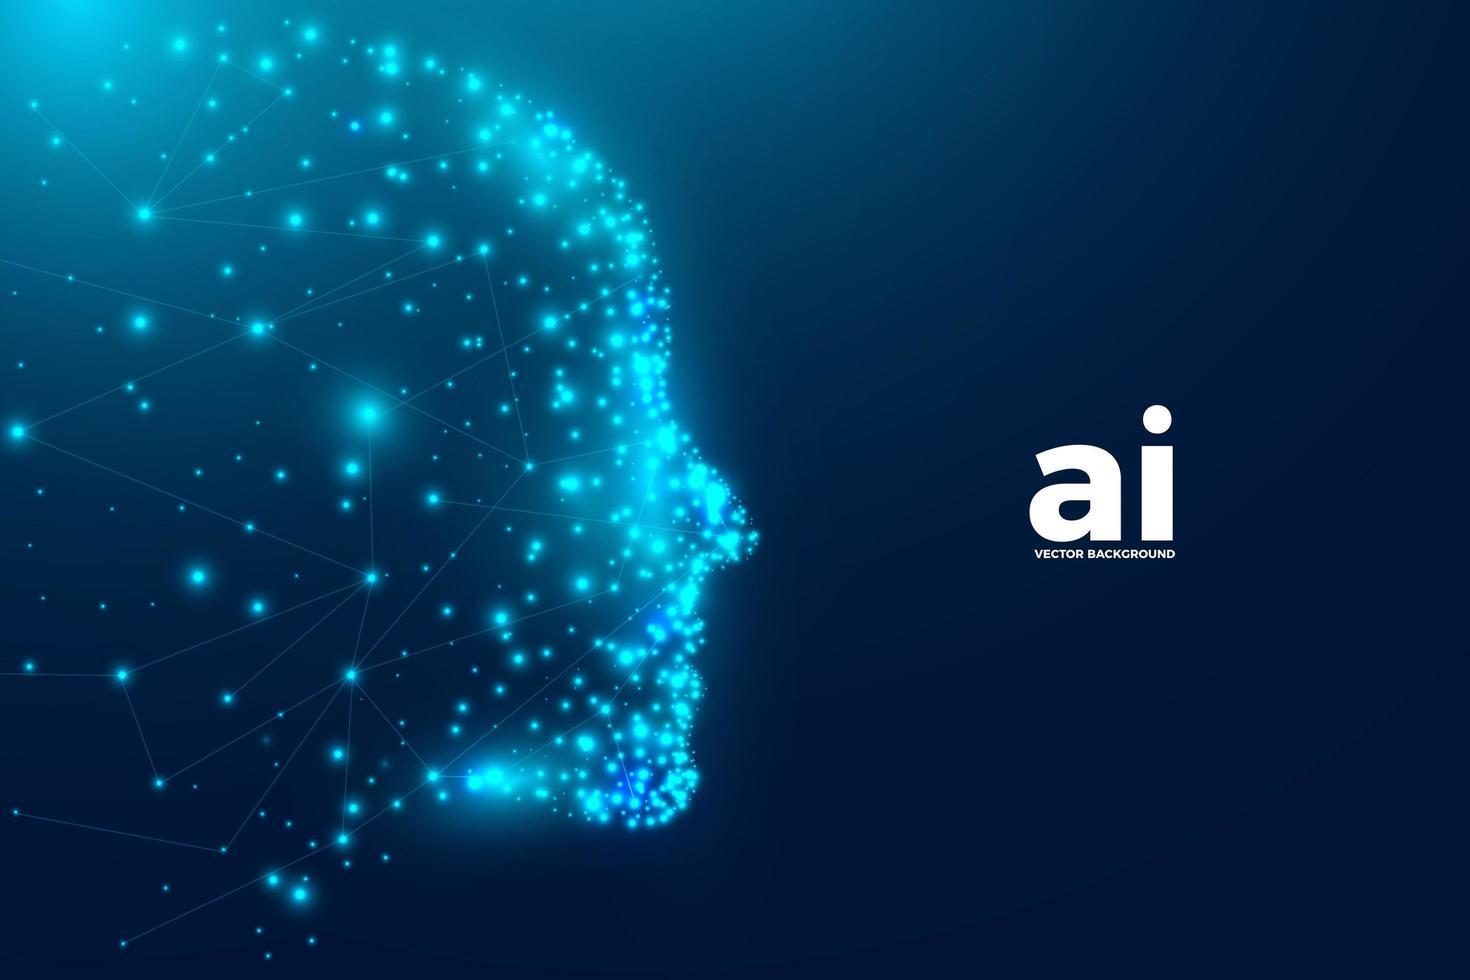 Fundo de inteligência artificial com partículas e rosto humano vetor